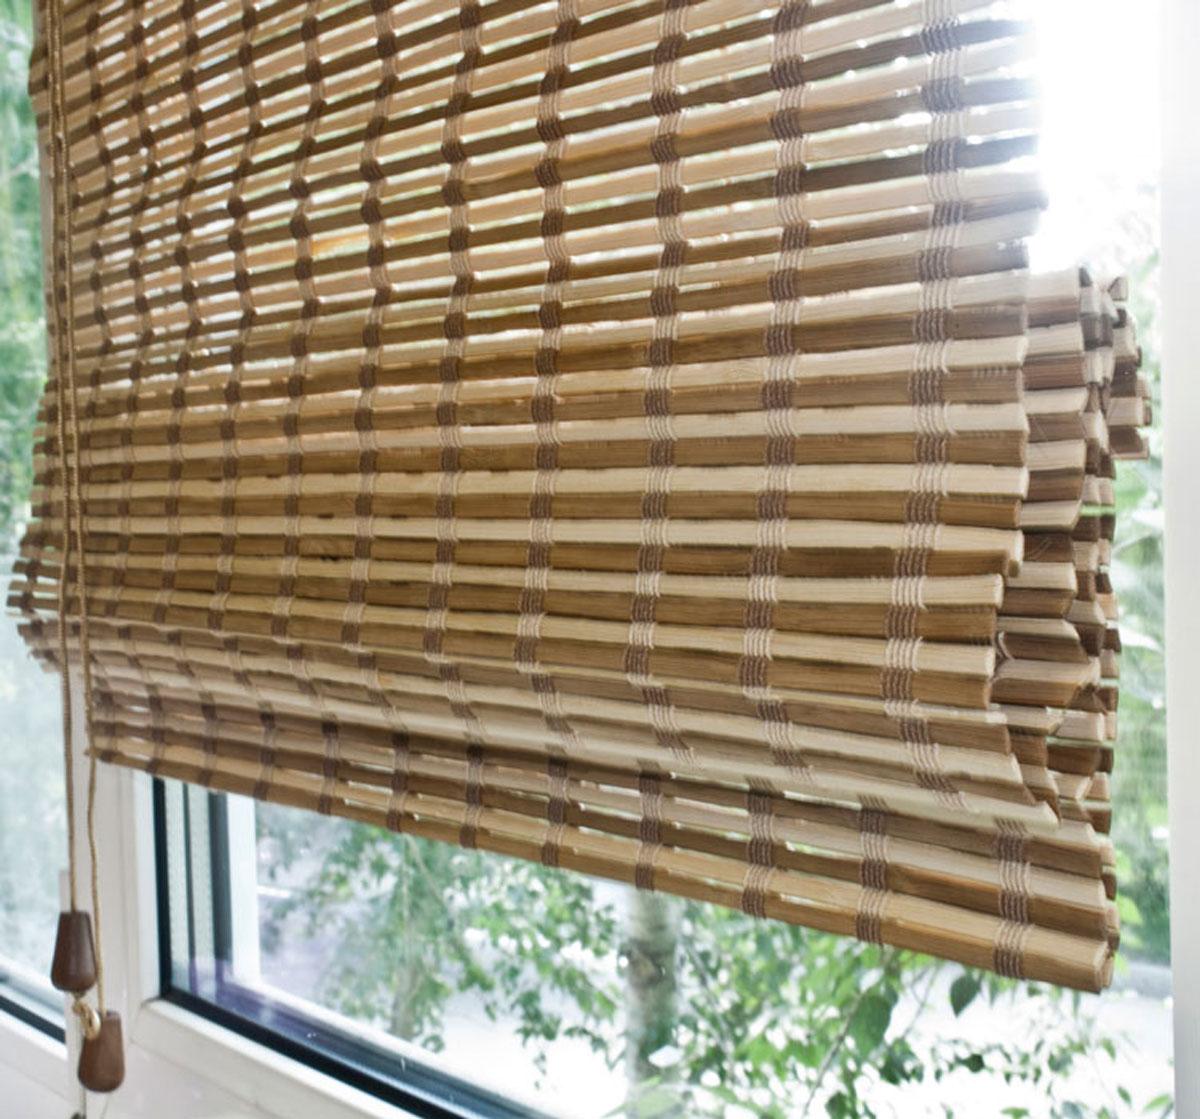 Римская штора Эскар, бамбуковая, цвет: коричневый, бежевый, ширина 60 см, высота 160 см81115150170Римская штора Эскар, выполненная из натурального бамбука, является оригинальным современным аксессуаром для создания необычного интерьера в восточном или минималистичном стиле.Римская бамбуковая штора, как и тканевая римская штора, при поднятии образует крупные складки, которые прекрасно декорируют окно. Особенность устройства полотна позволяет свободно пропускать дневной свет, что обеспечивает мягкое освещение комнаты. Римская штора из натурального влагоустойчивого материала легко вписывается в любой интерьер, хорошо сочетается с различной мебелью и элементами отделки. Использование бамбукового полотна придает помещению необычный вид и визуально расширяет пространство. Бамбуковые шторы требуют только сухого ухода: пылесосом, щеткой, веником или влажной (но не мокрой!) губкой. Комплект для монтажа прилагается.